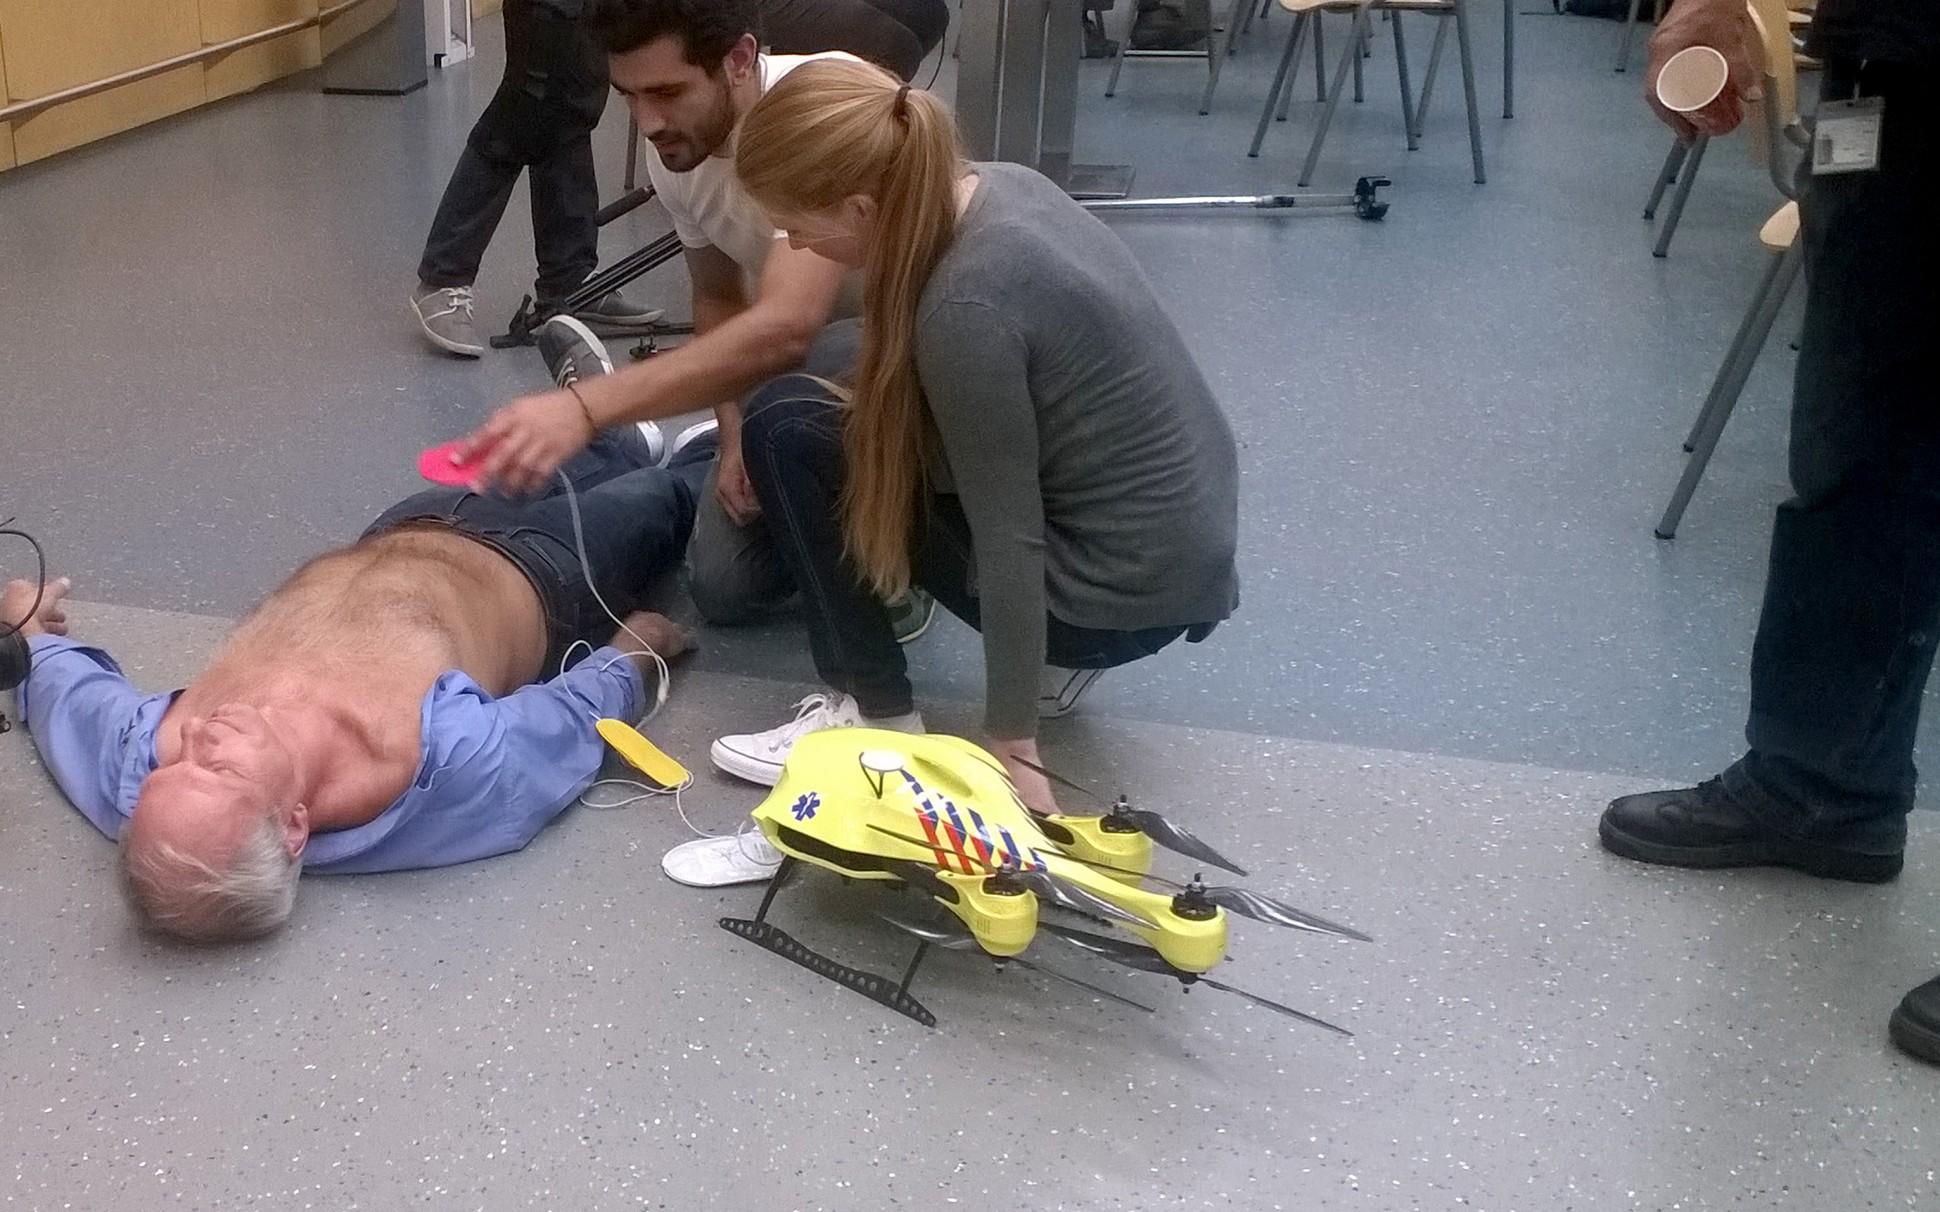 ambulance-drone_inuse-1940×1212